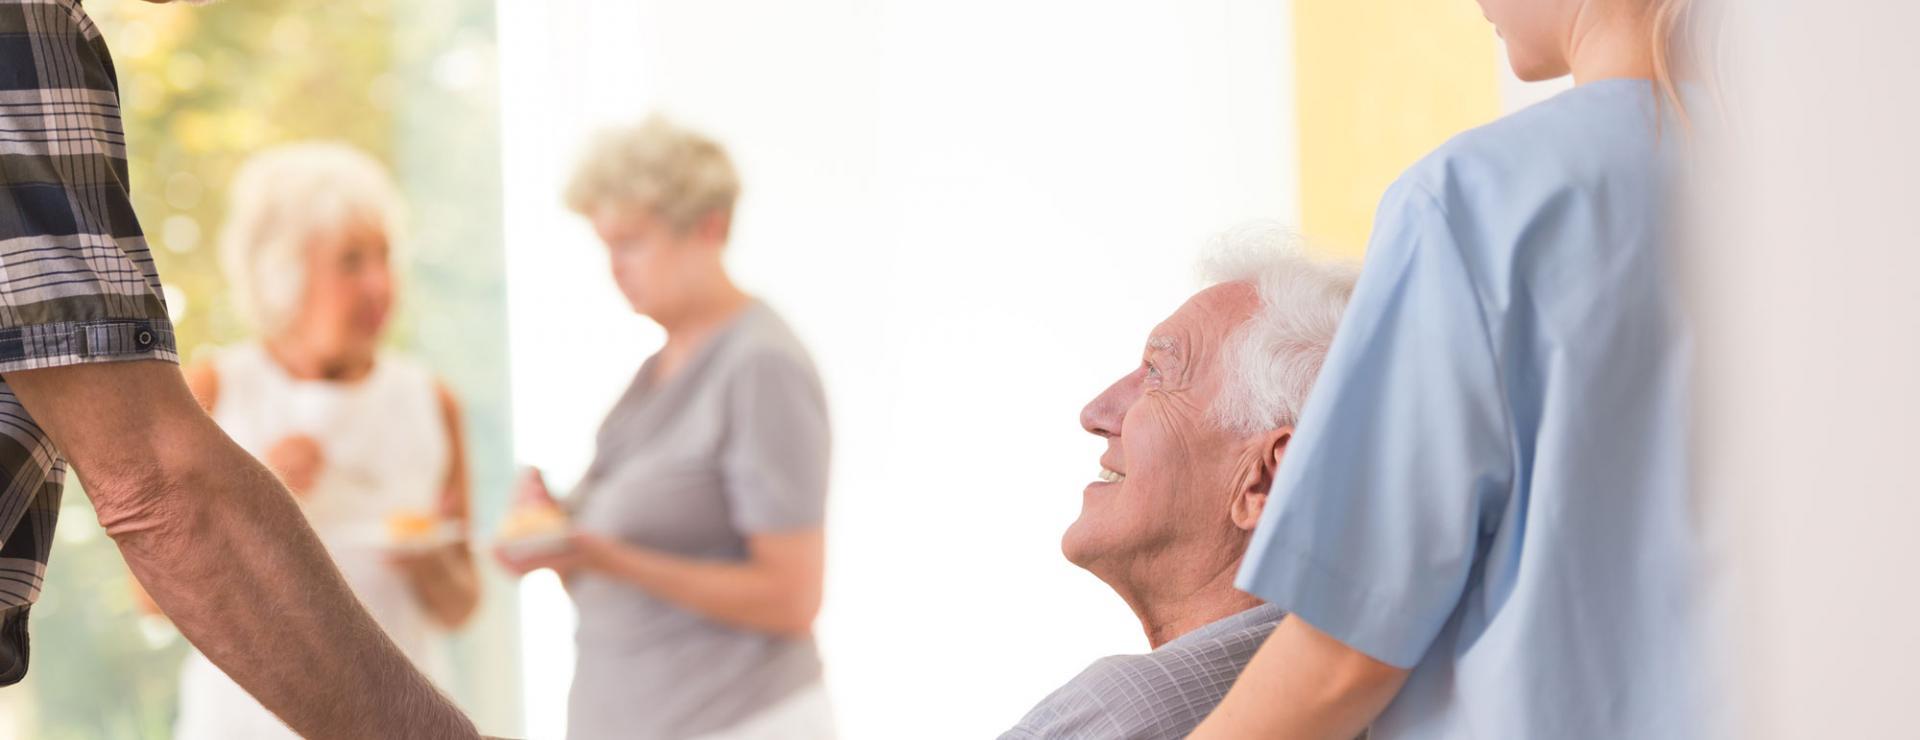 Professionelle und mitfühlende Seniorenpflege